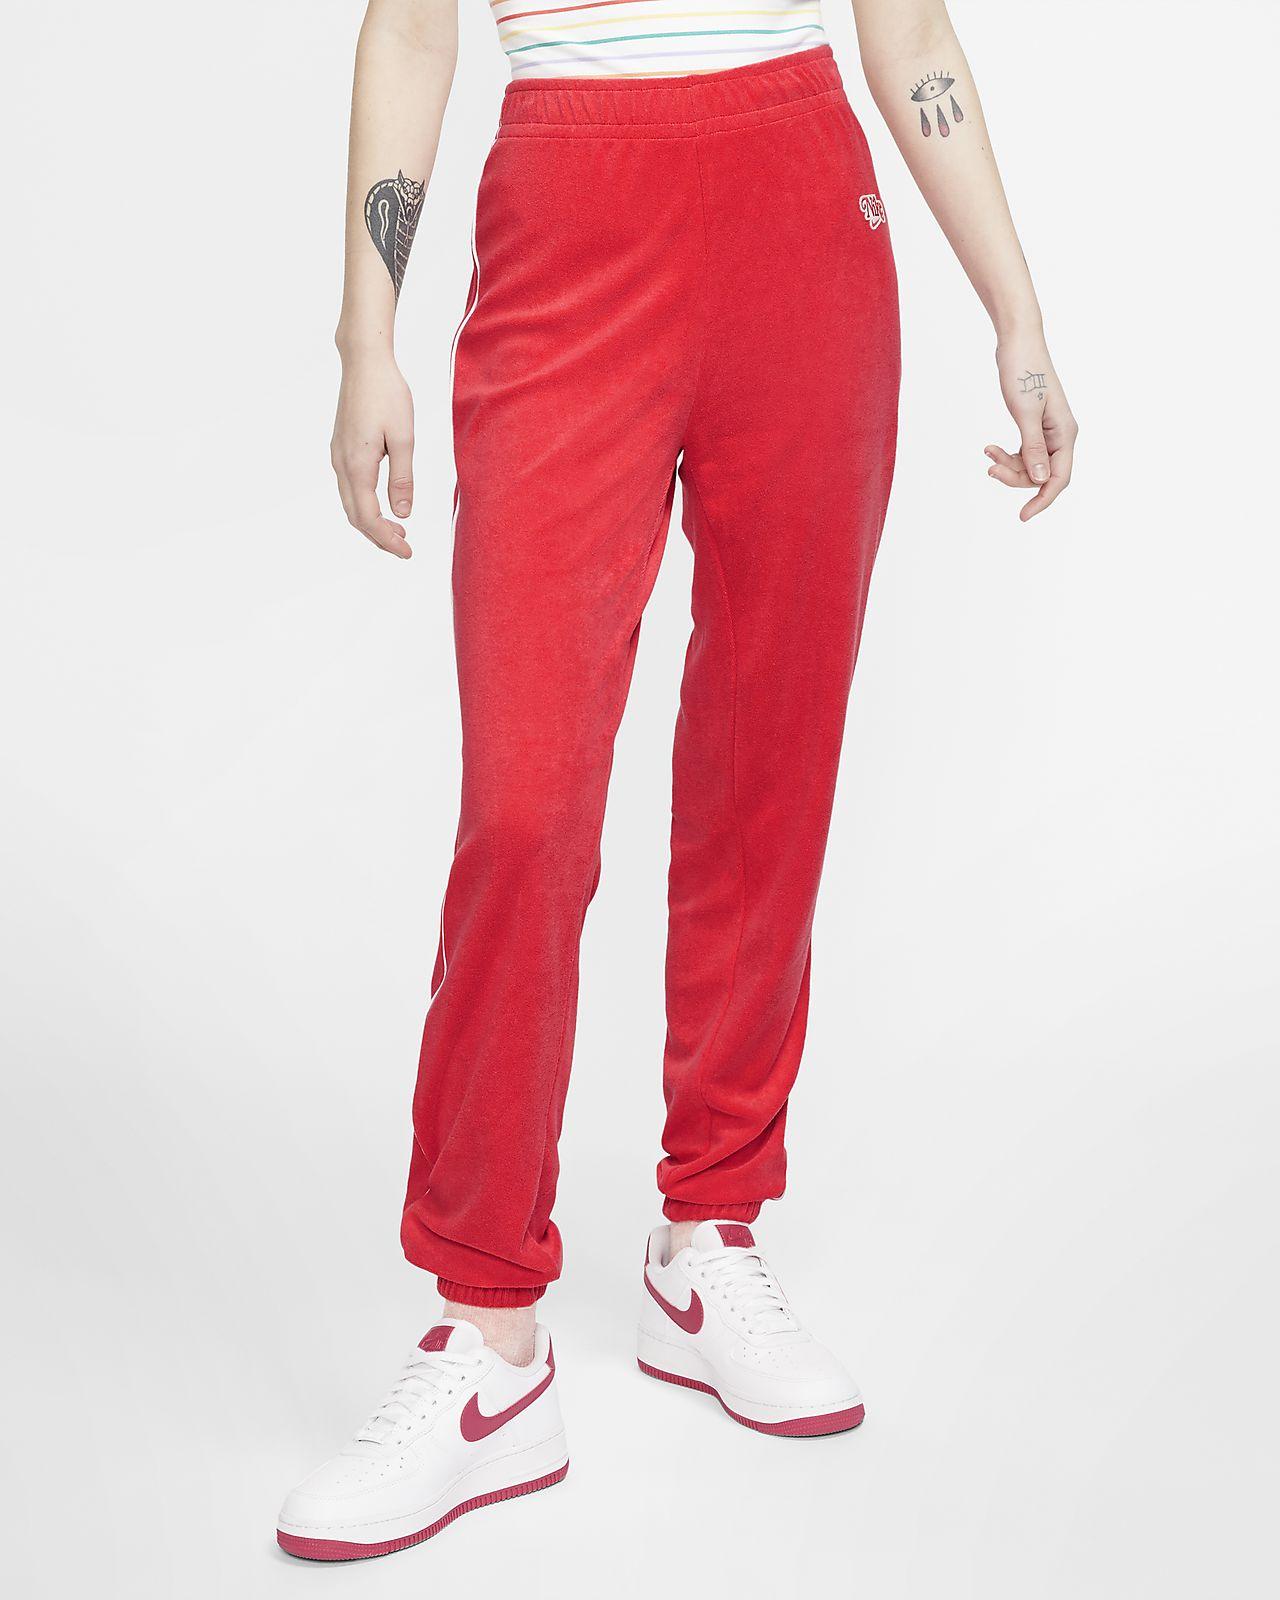 Γυναικείο παντελόνι Nike Sportswear